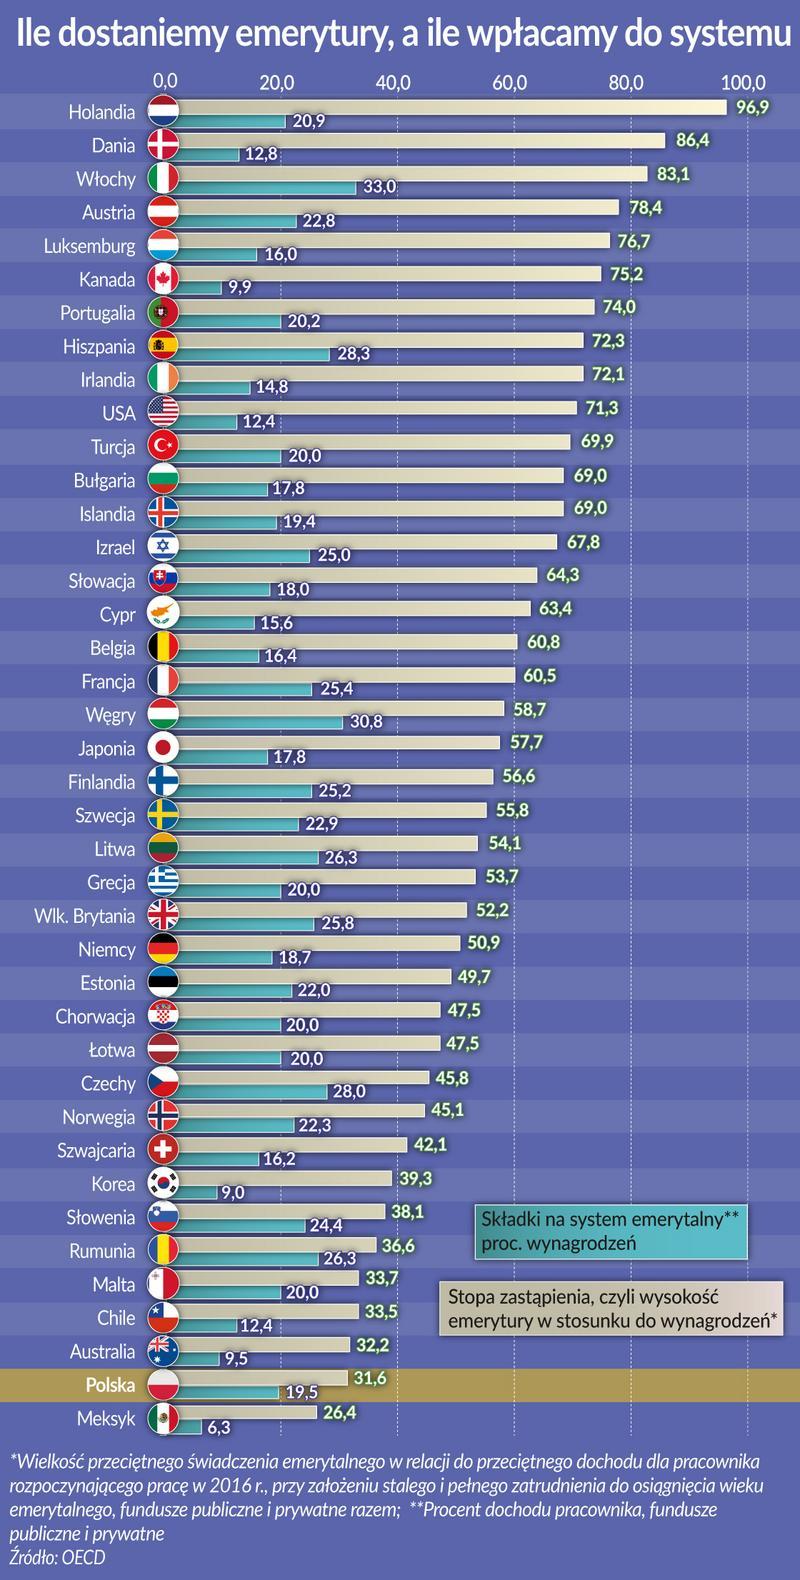 OECDs eksperter så på utsiktene til pensjonssystemene i land som tilhører denne organisasjonen.